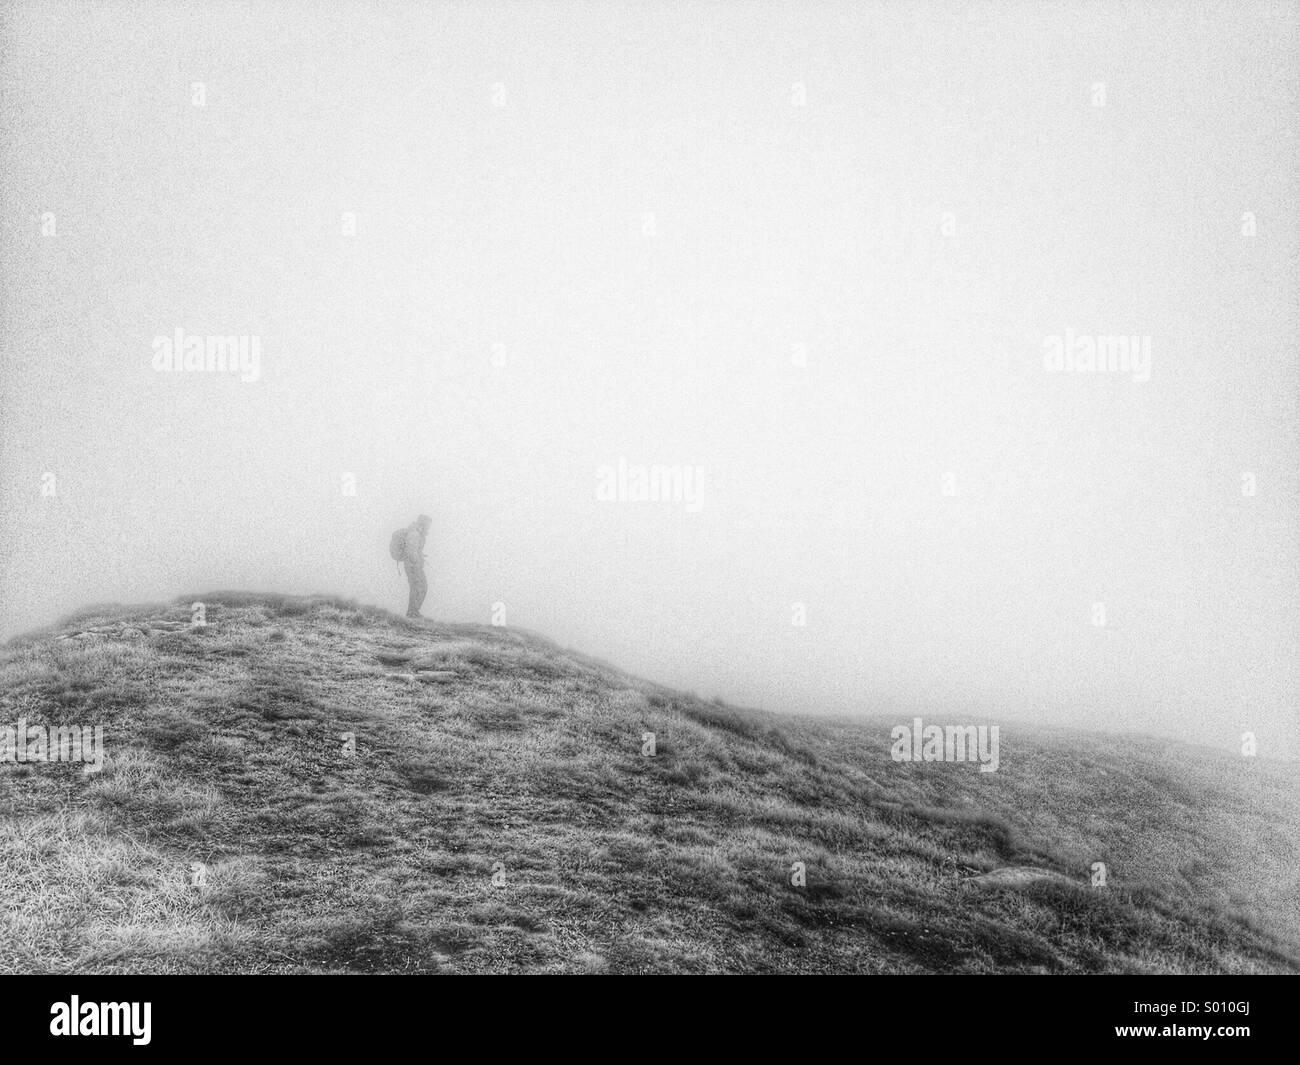 Hiker on Korab trail - Stock Image